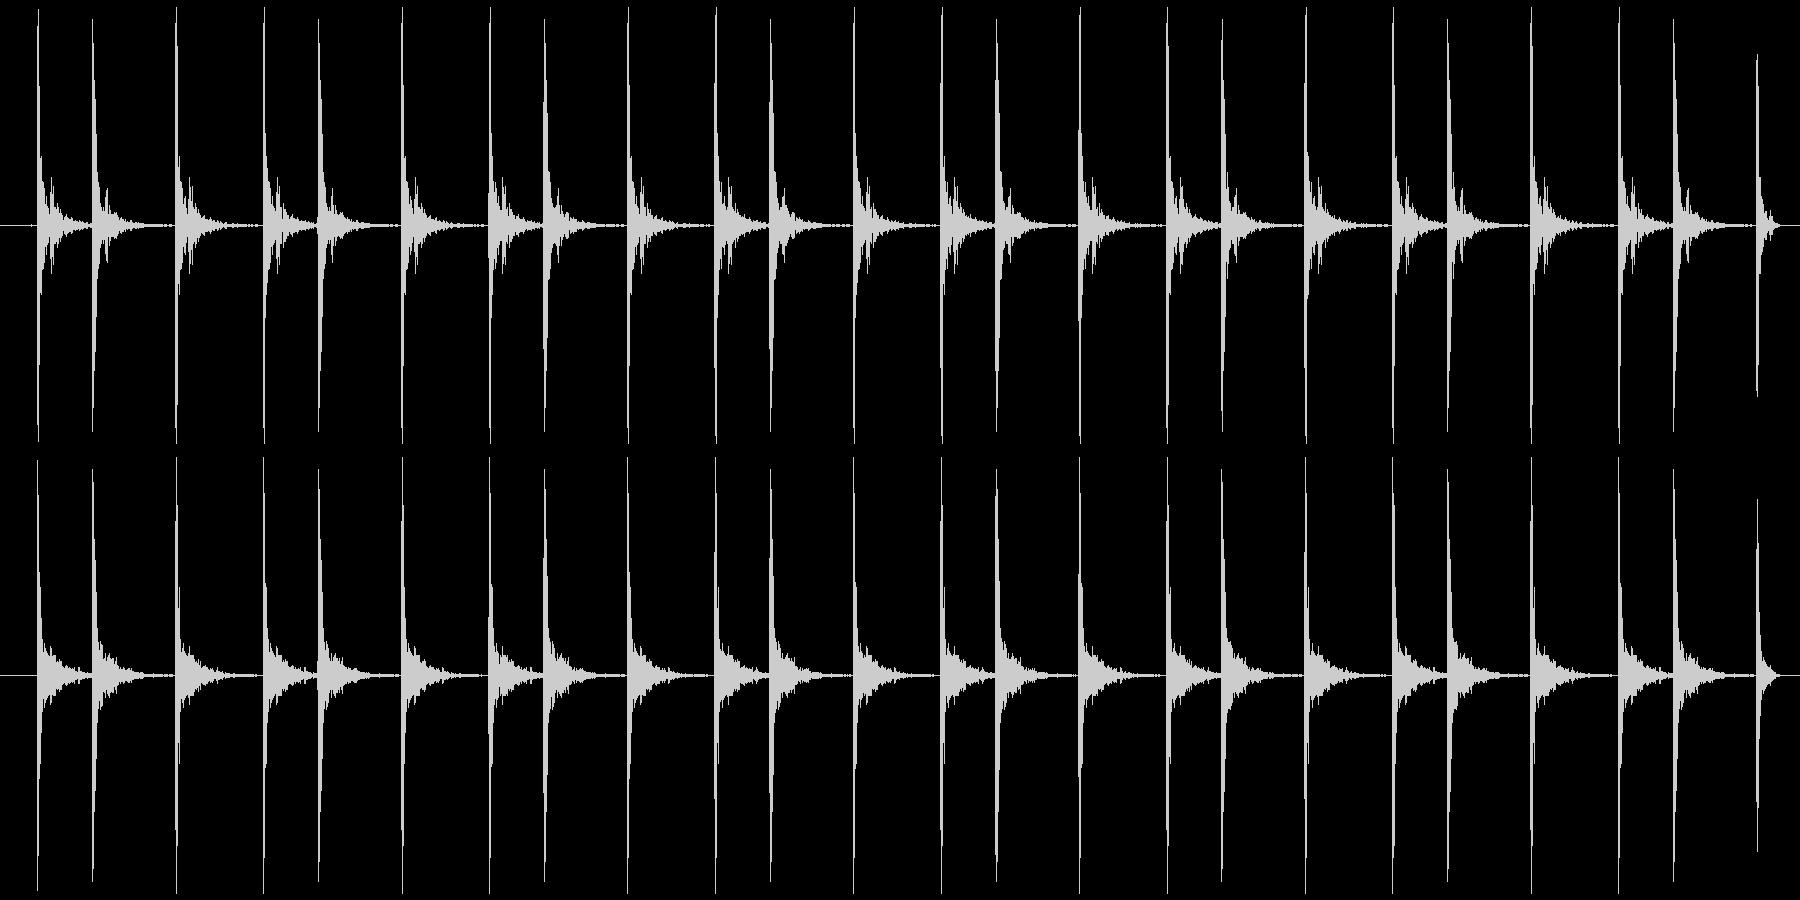 震える慌てる カタカタカタ…の未再生の波形